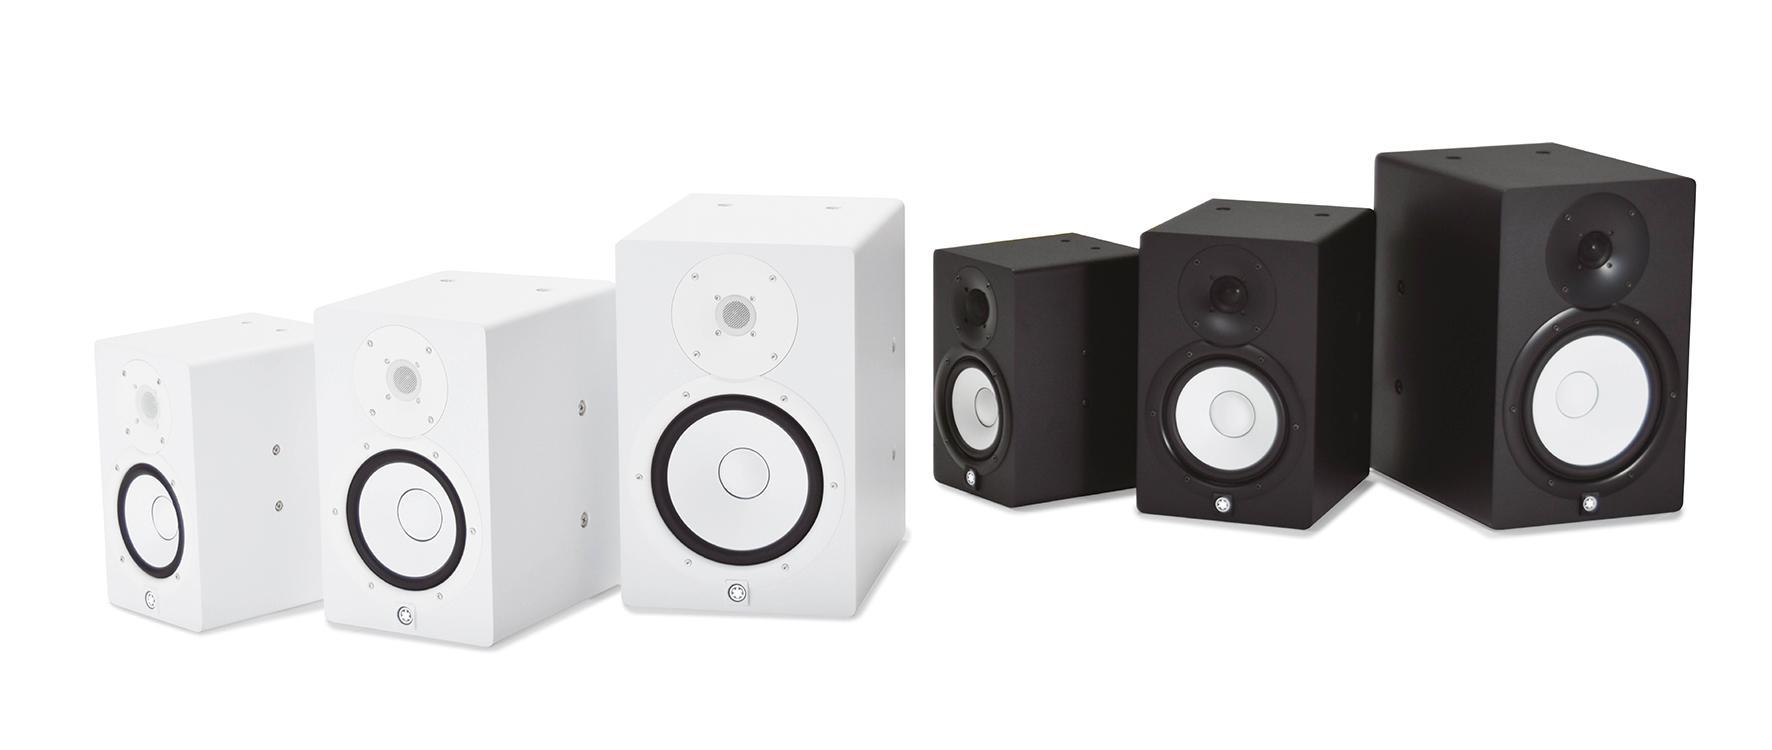 Yamaha Reveal HS-I Range of Powered Speakers